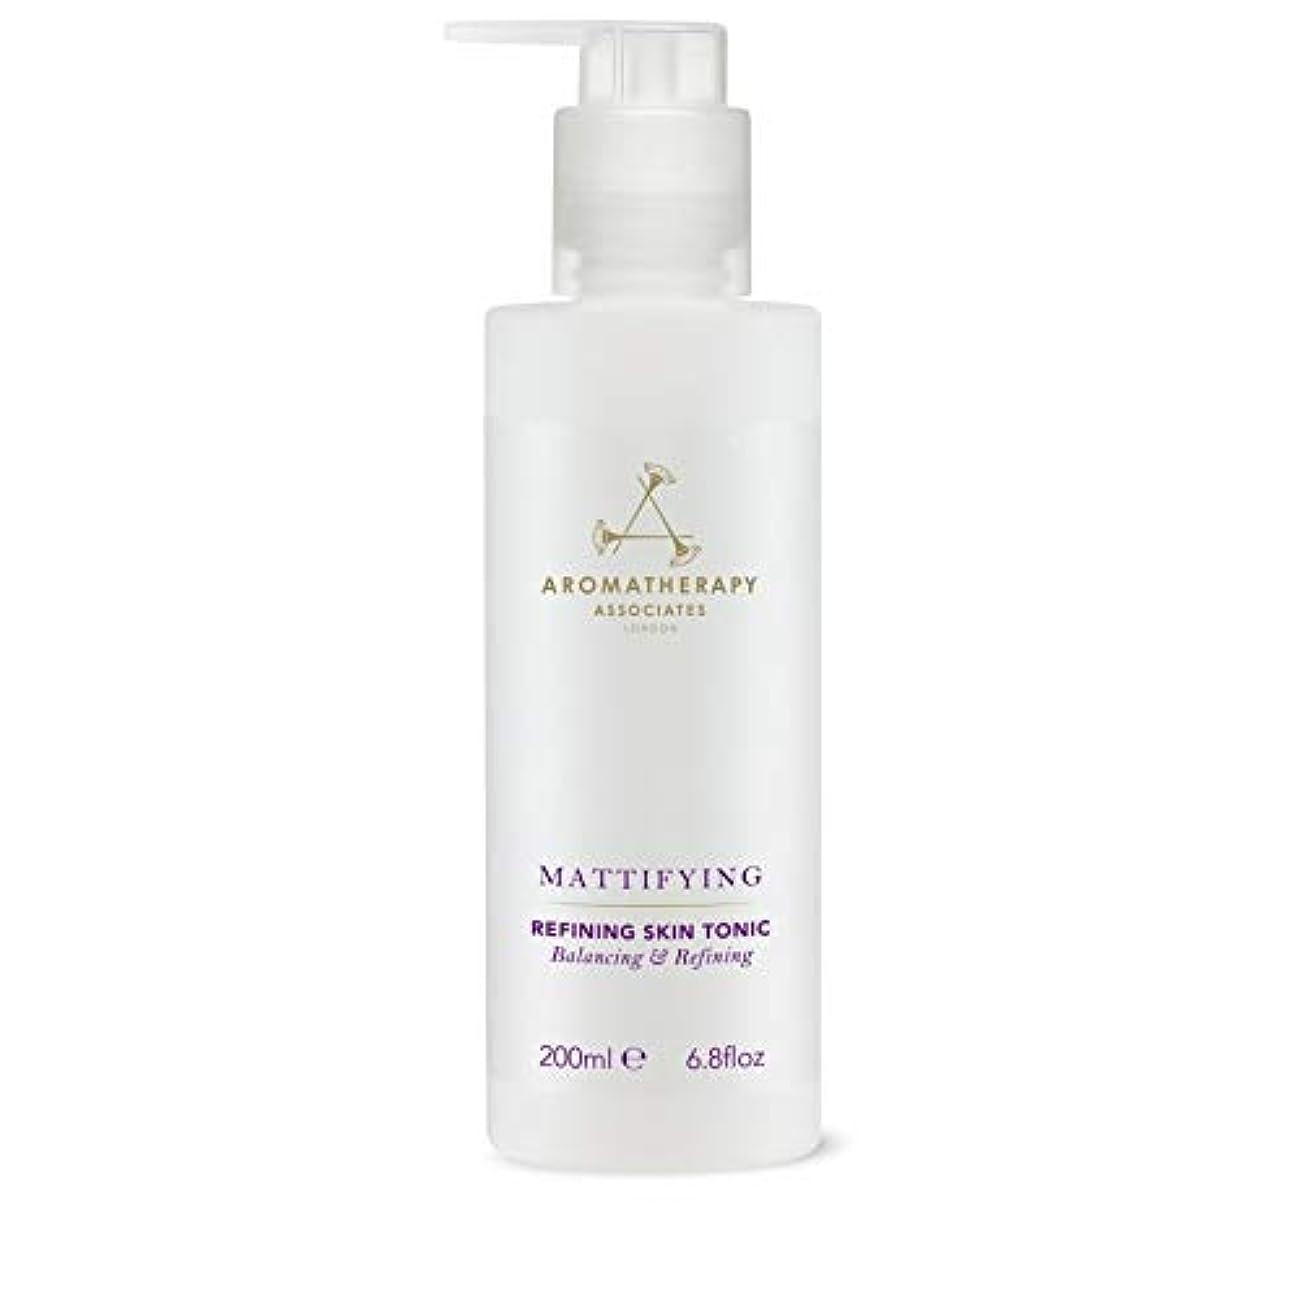 信頼招待セージ[Aromatherapy Associates ] アロマセラピーアソシエイツ精錬皮膚の強壮剤、アロマセラピーアソシエイツ - Aromatherapy Associates Refining Skin Tonic,...